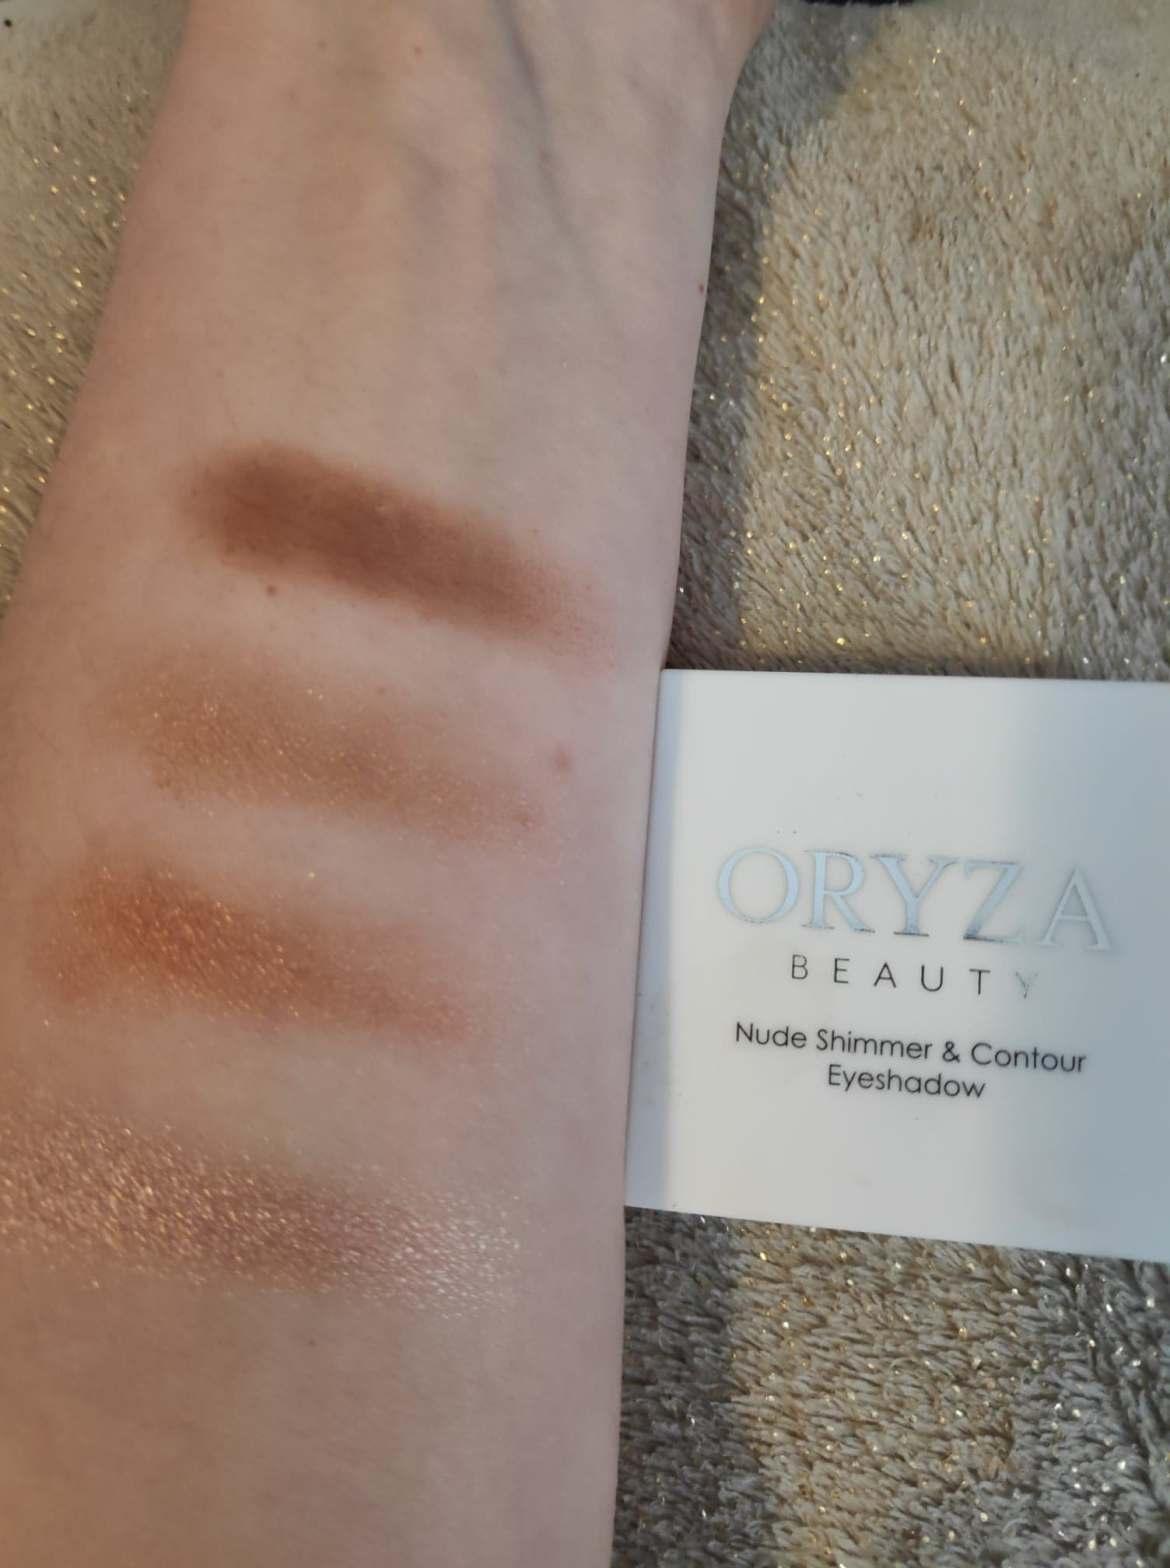 Oryza Eyeshadow swatches on arm